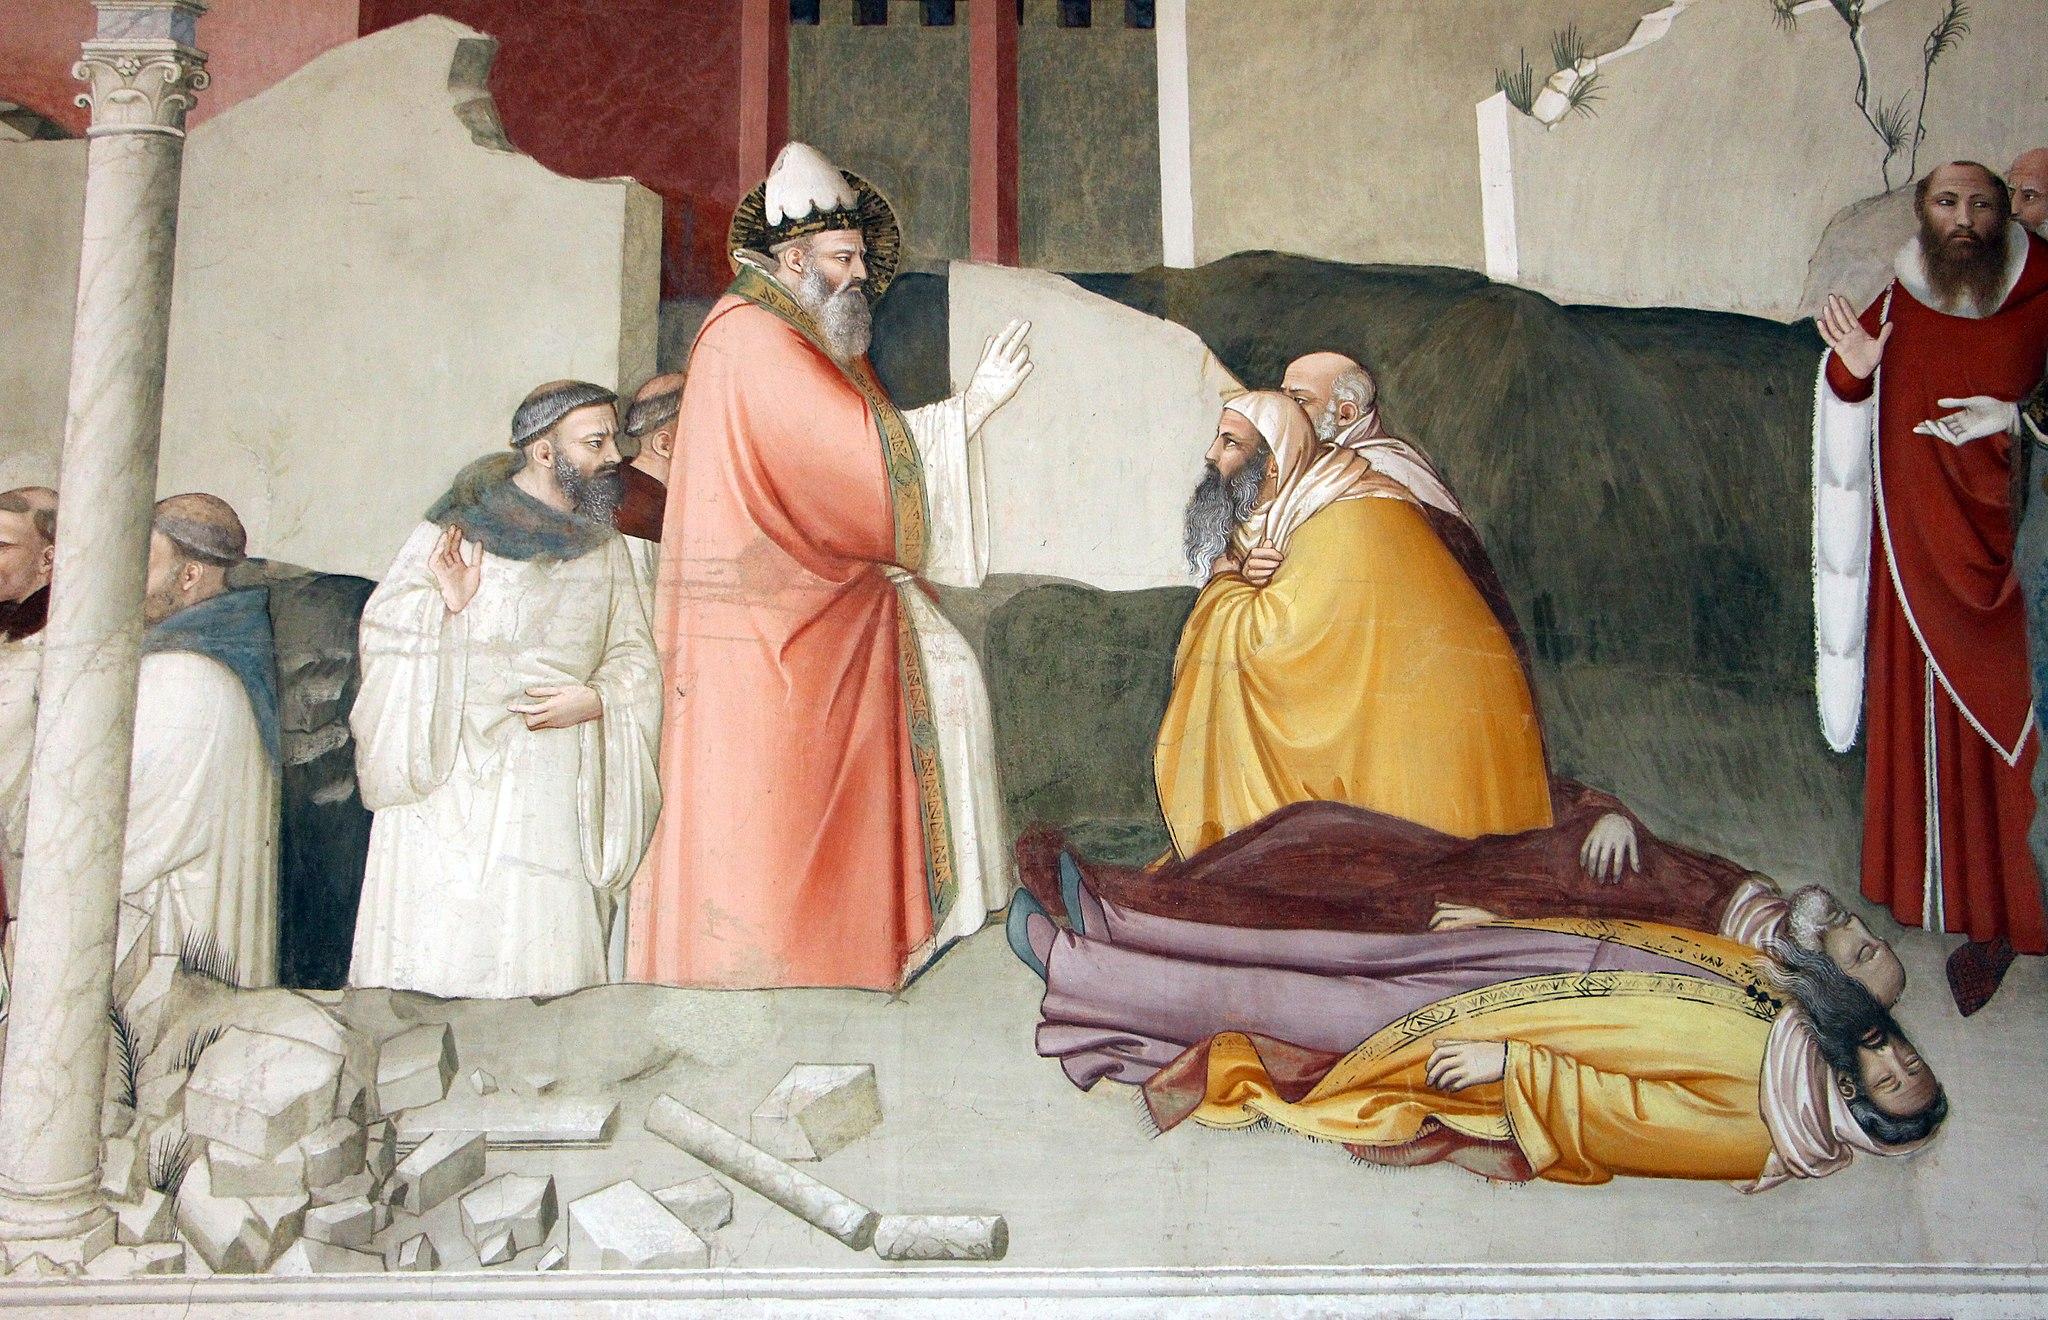 Maso di Banco, Miracolo del drago, c. 1335 (Miracolo del santo che chiude la fauci al drago e resuscita due maghi uccisi dall'alito del mostro, fresco, Cappella di Bardi di Vernio, Santa Croce, Firenze